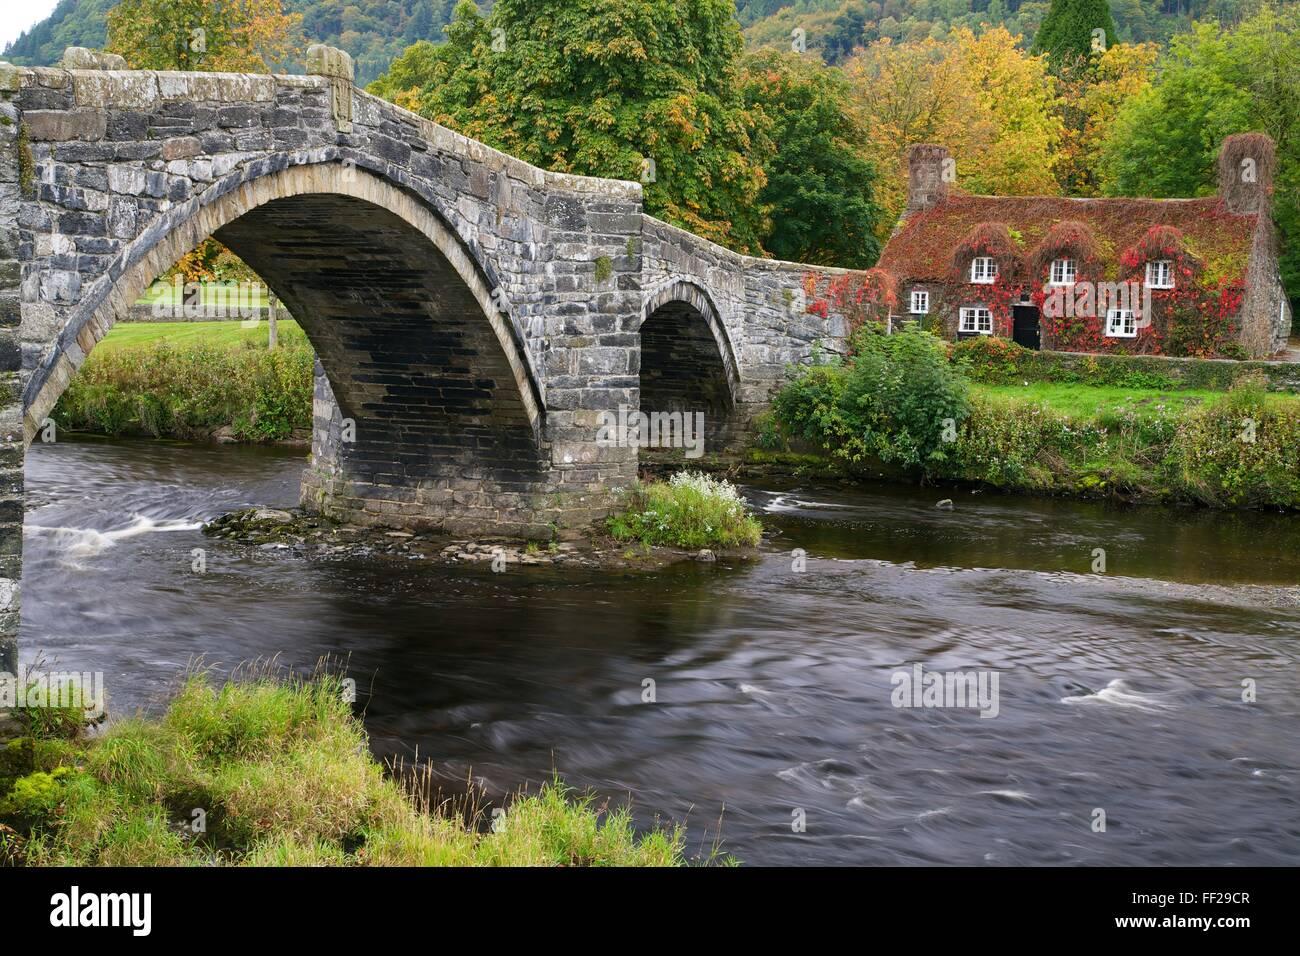 Tu Hwnt Ir Bont Tearoom in autumn, Tu Hwnt, RMRManrwst, near Betwys-y-Coed, Conwy VaRMRMey, WaRMes, United Kingdom, - Stock Image